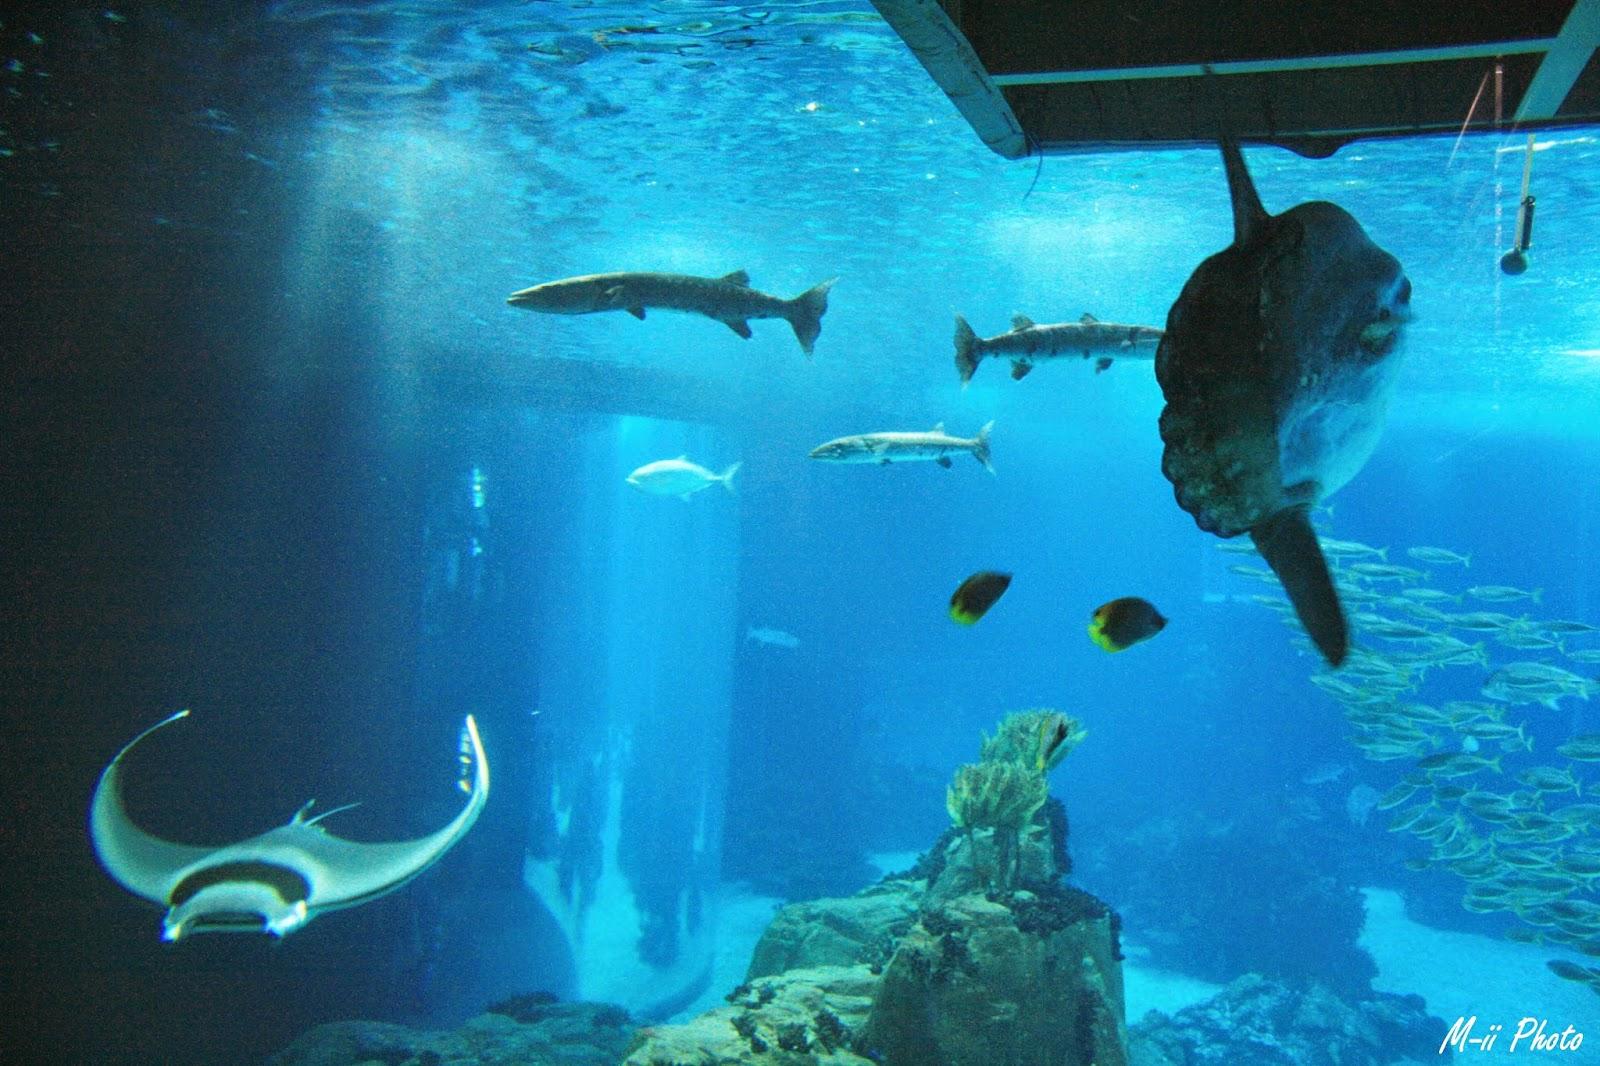 M-ii Photo : 10 choses à faire à Lisbonne Aquarium de Lisbonne